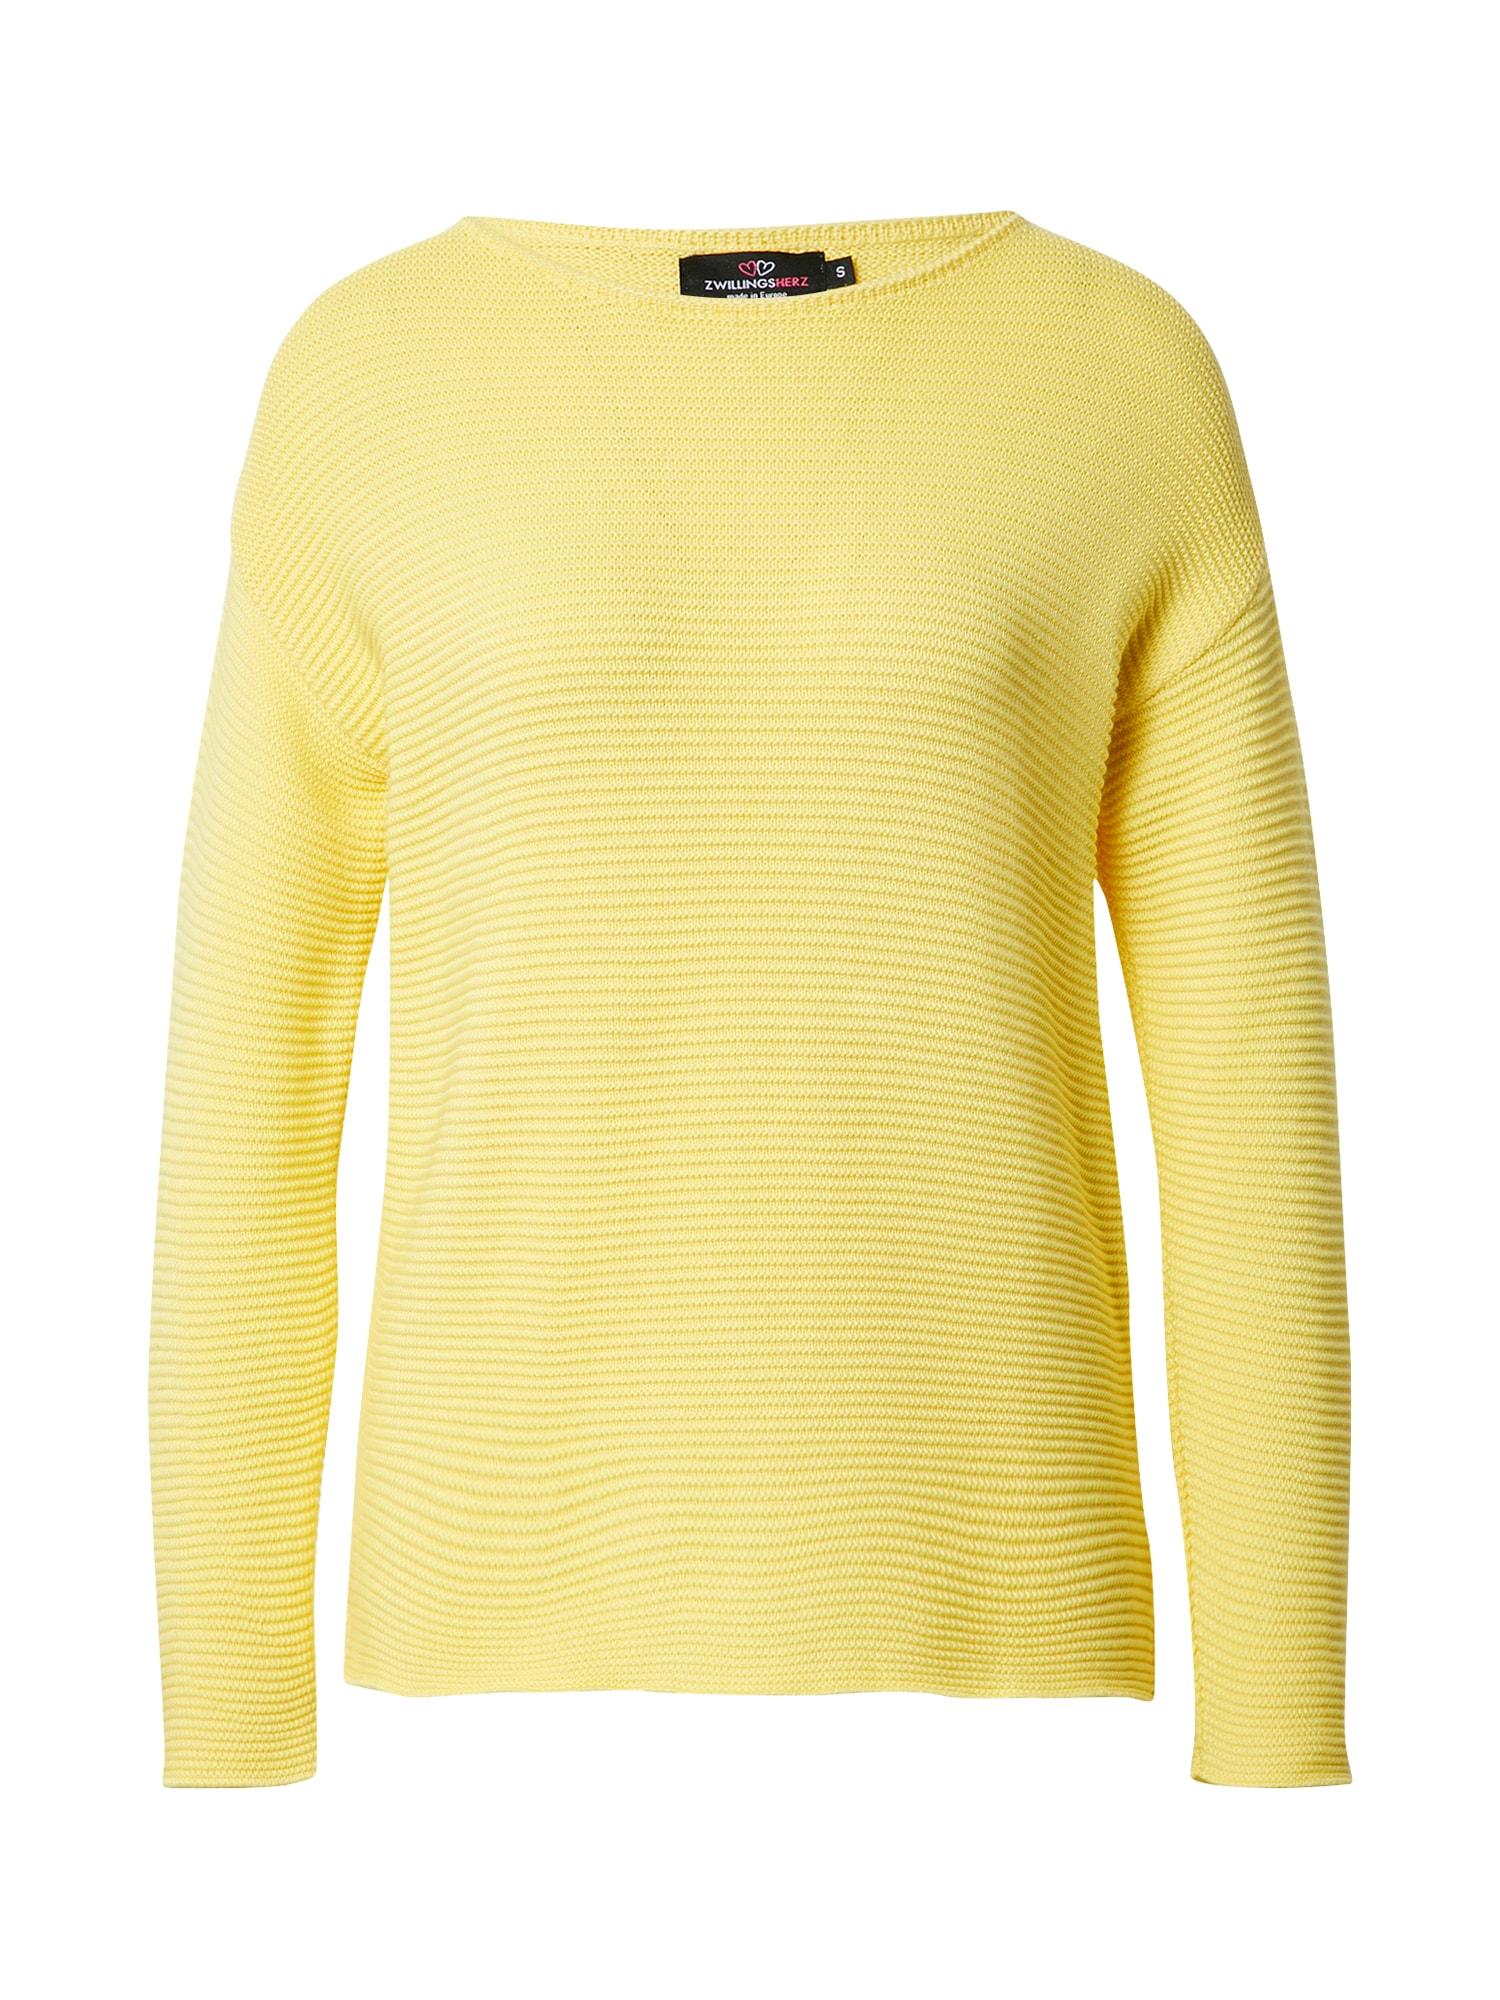 Zwillingsherz Megztinis geltona